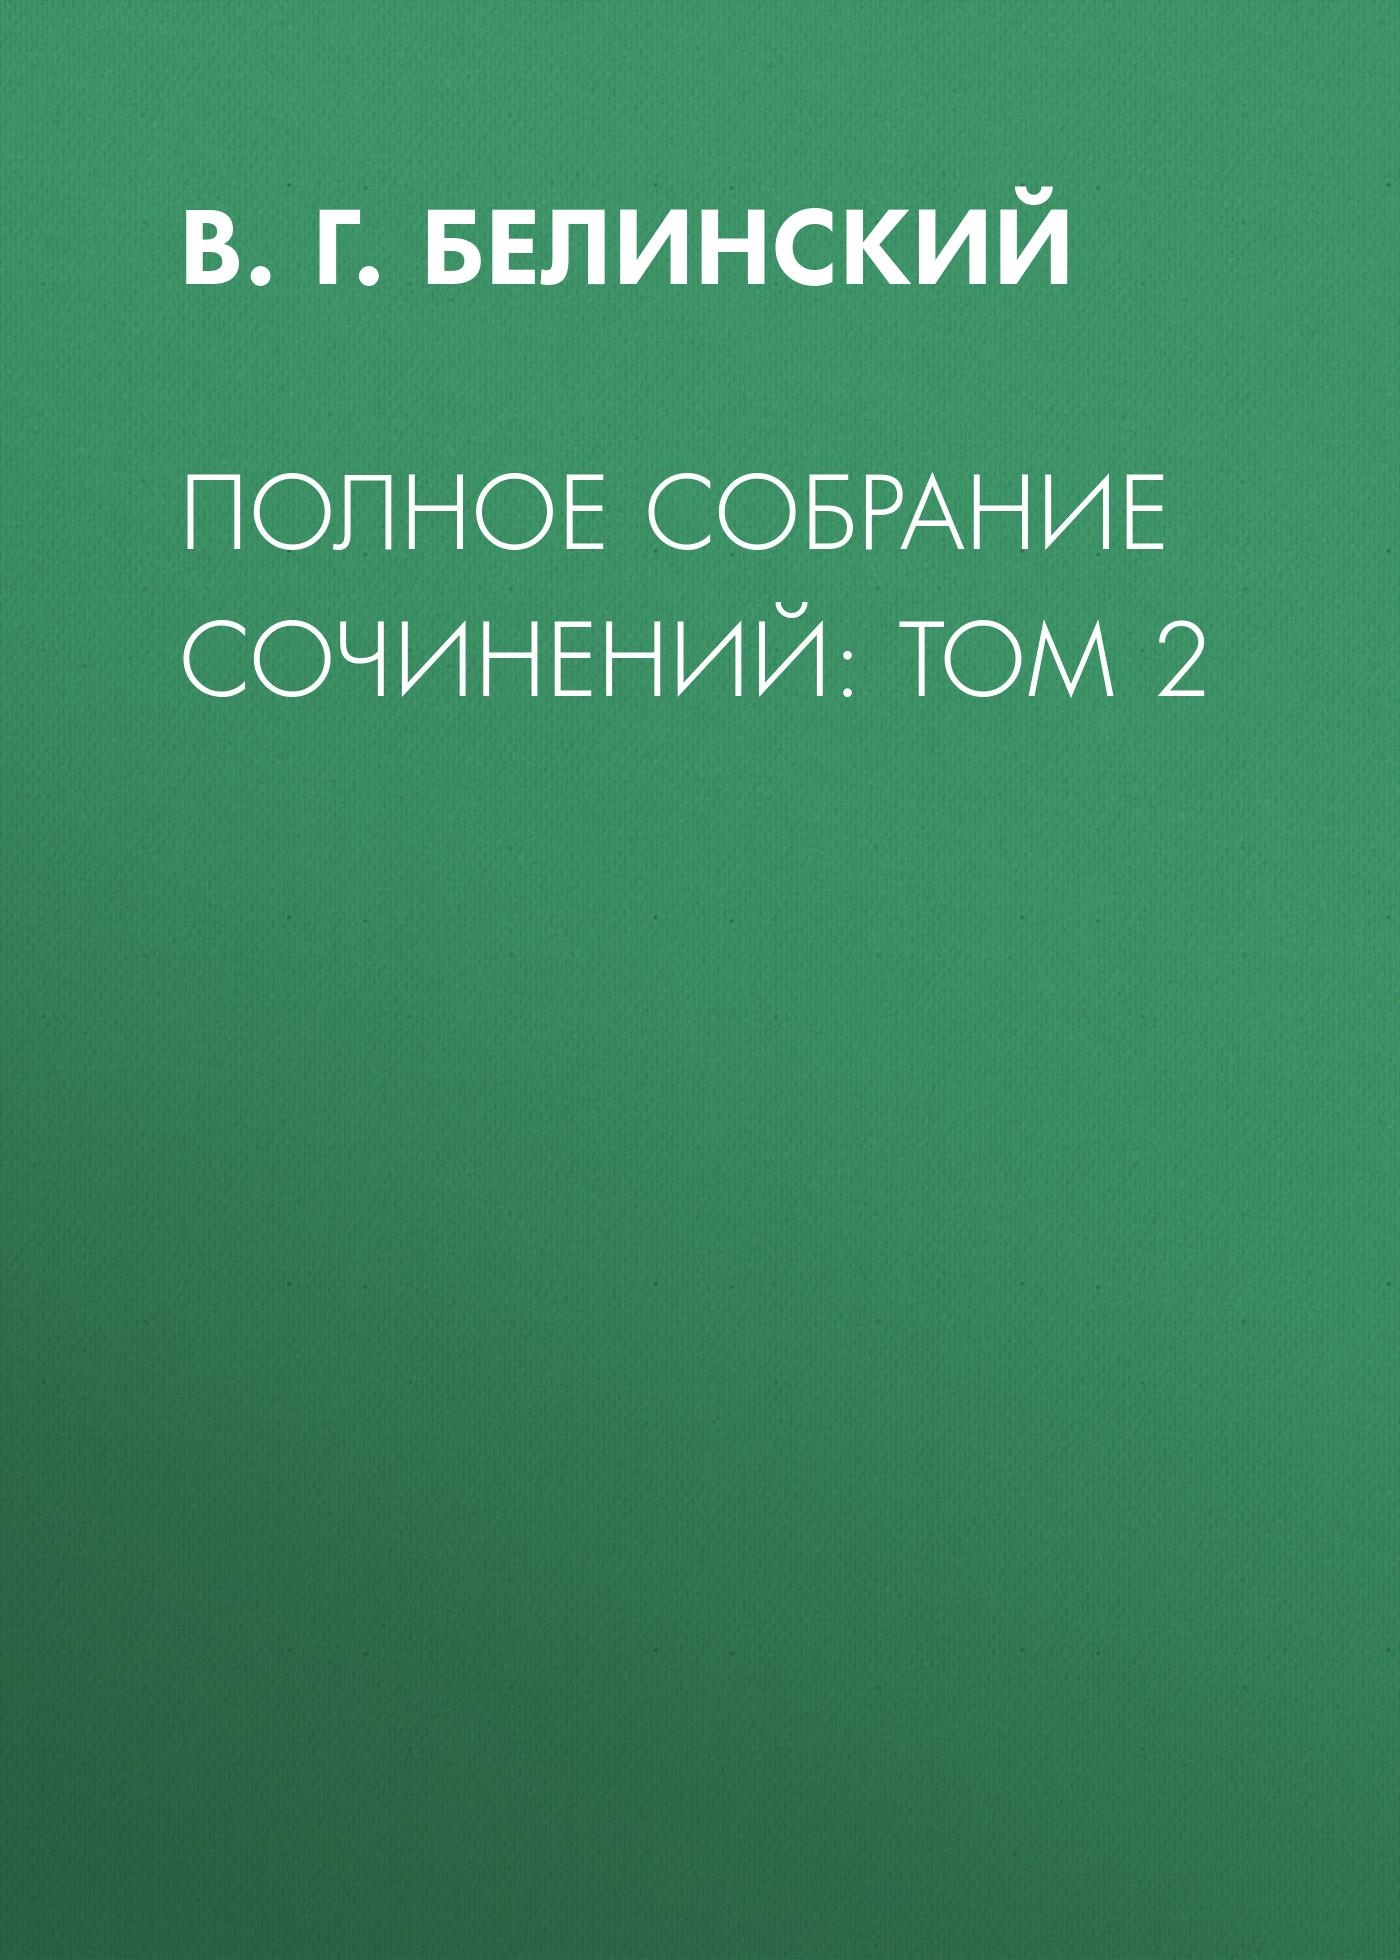 Полное собрание сочинений: Том 2